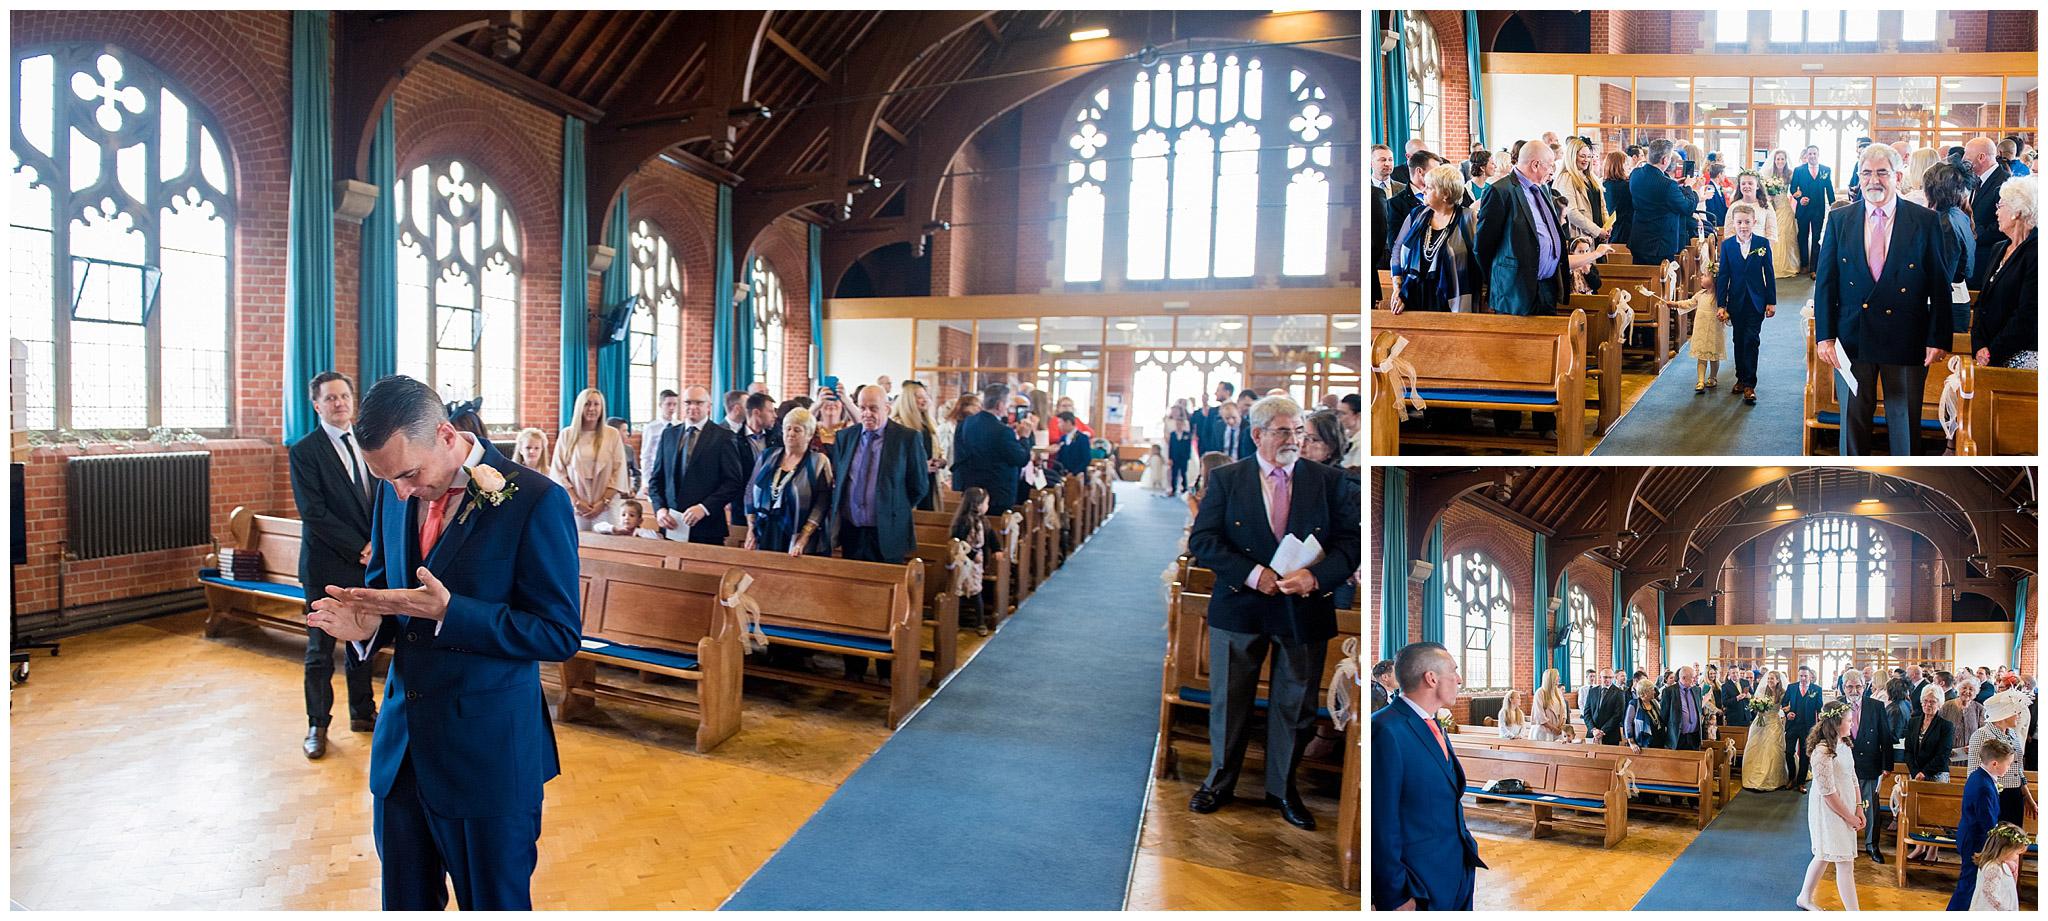 Katie-&-Steve-Victoria-Park-Methodist-Chruch-Winton-&-The-Manor-Burton-Christchurch-Wedding-16